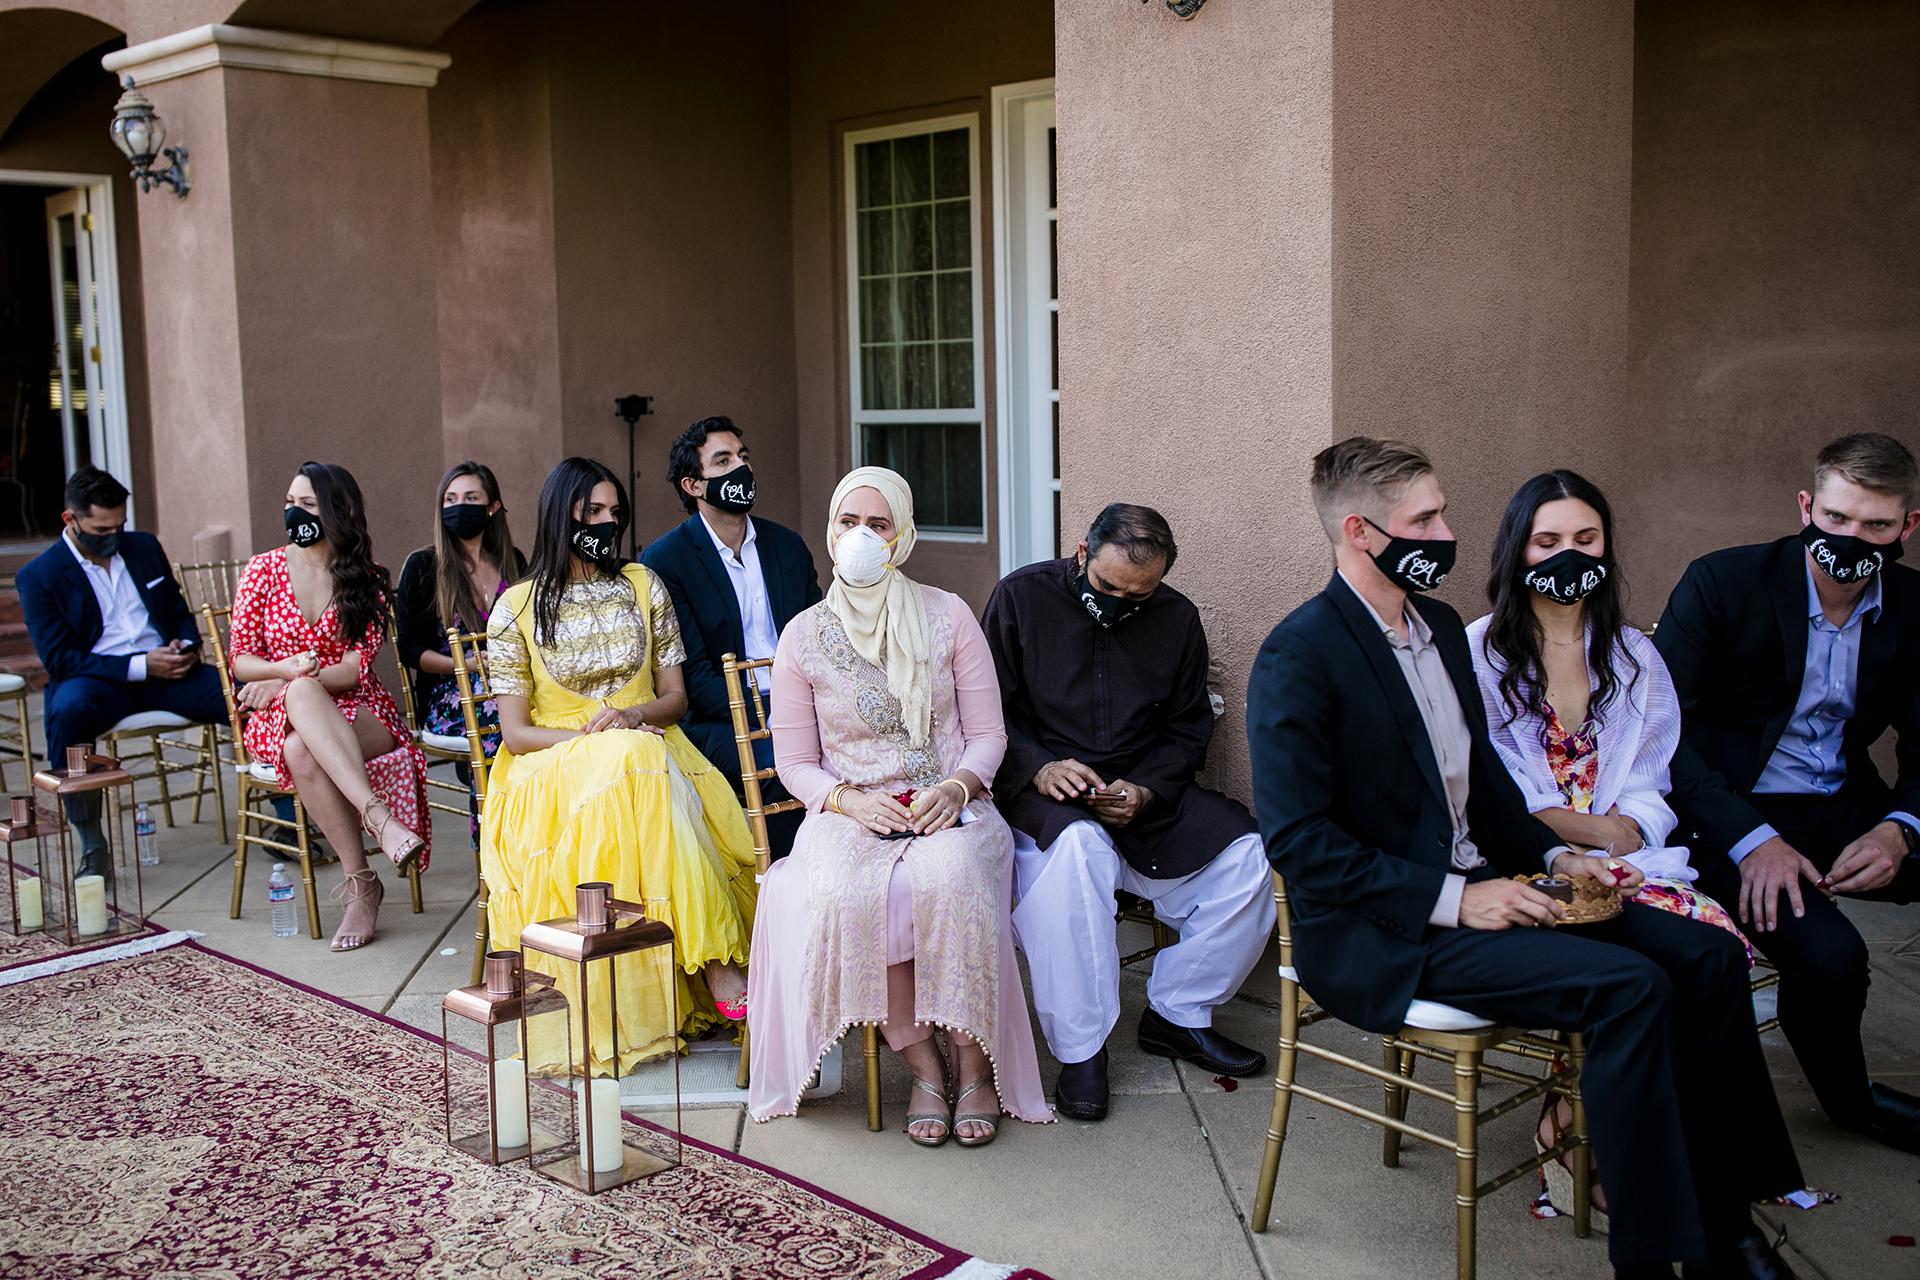 N Californië COVID-19 schakingfotograaf | De bruid en bruidegom gaven iedereen bijpassende maskers aan de deur